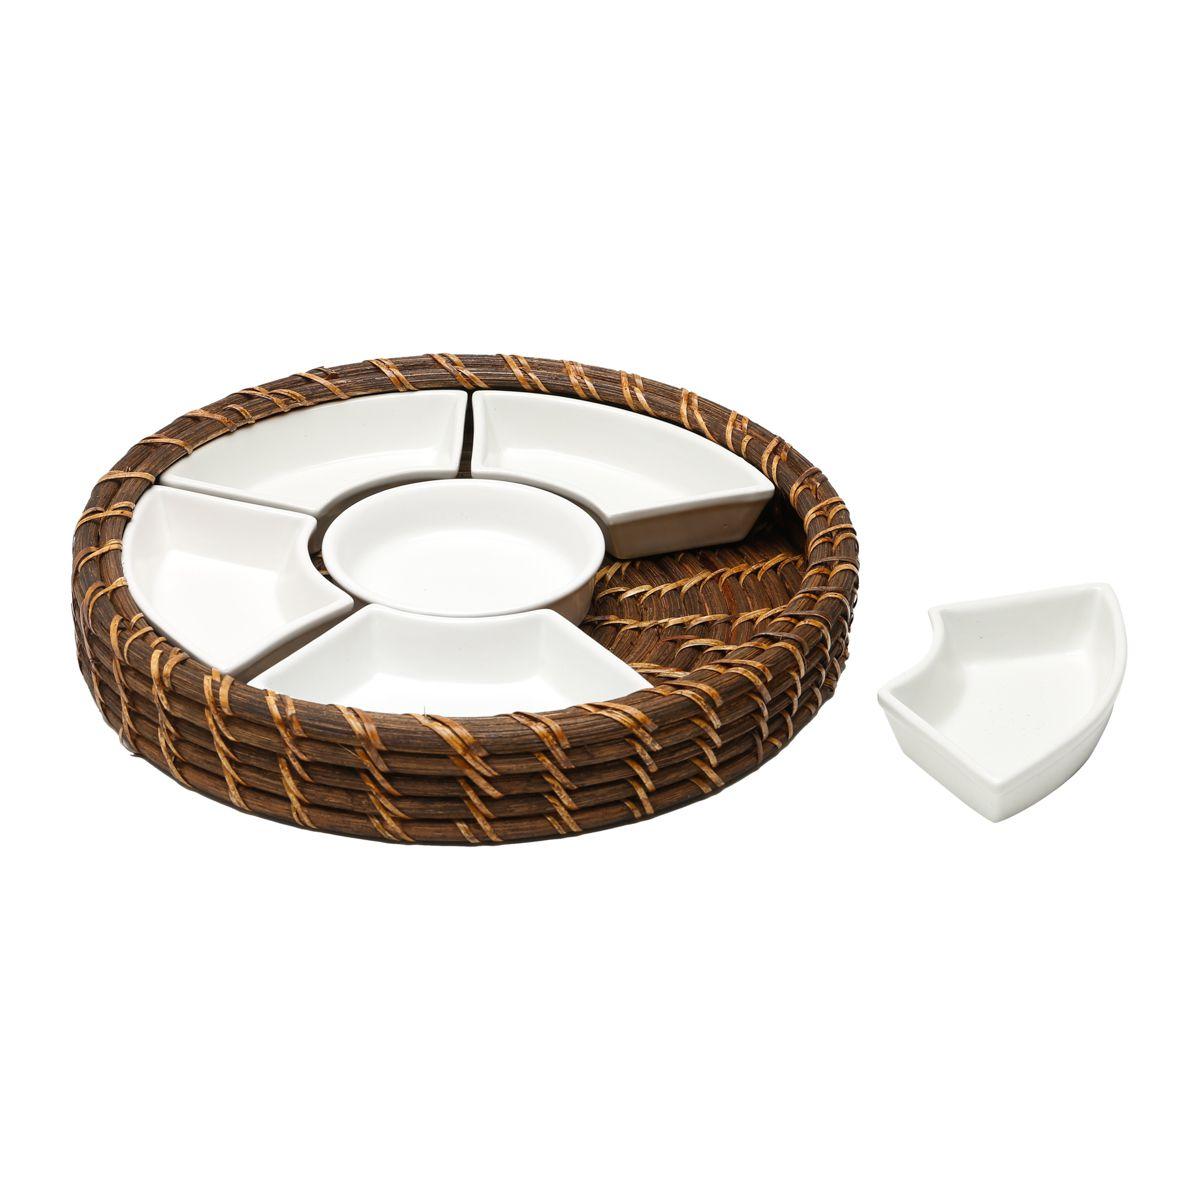 Petisqueira de Rattan Com Divisória De Cerâmica